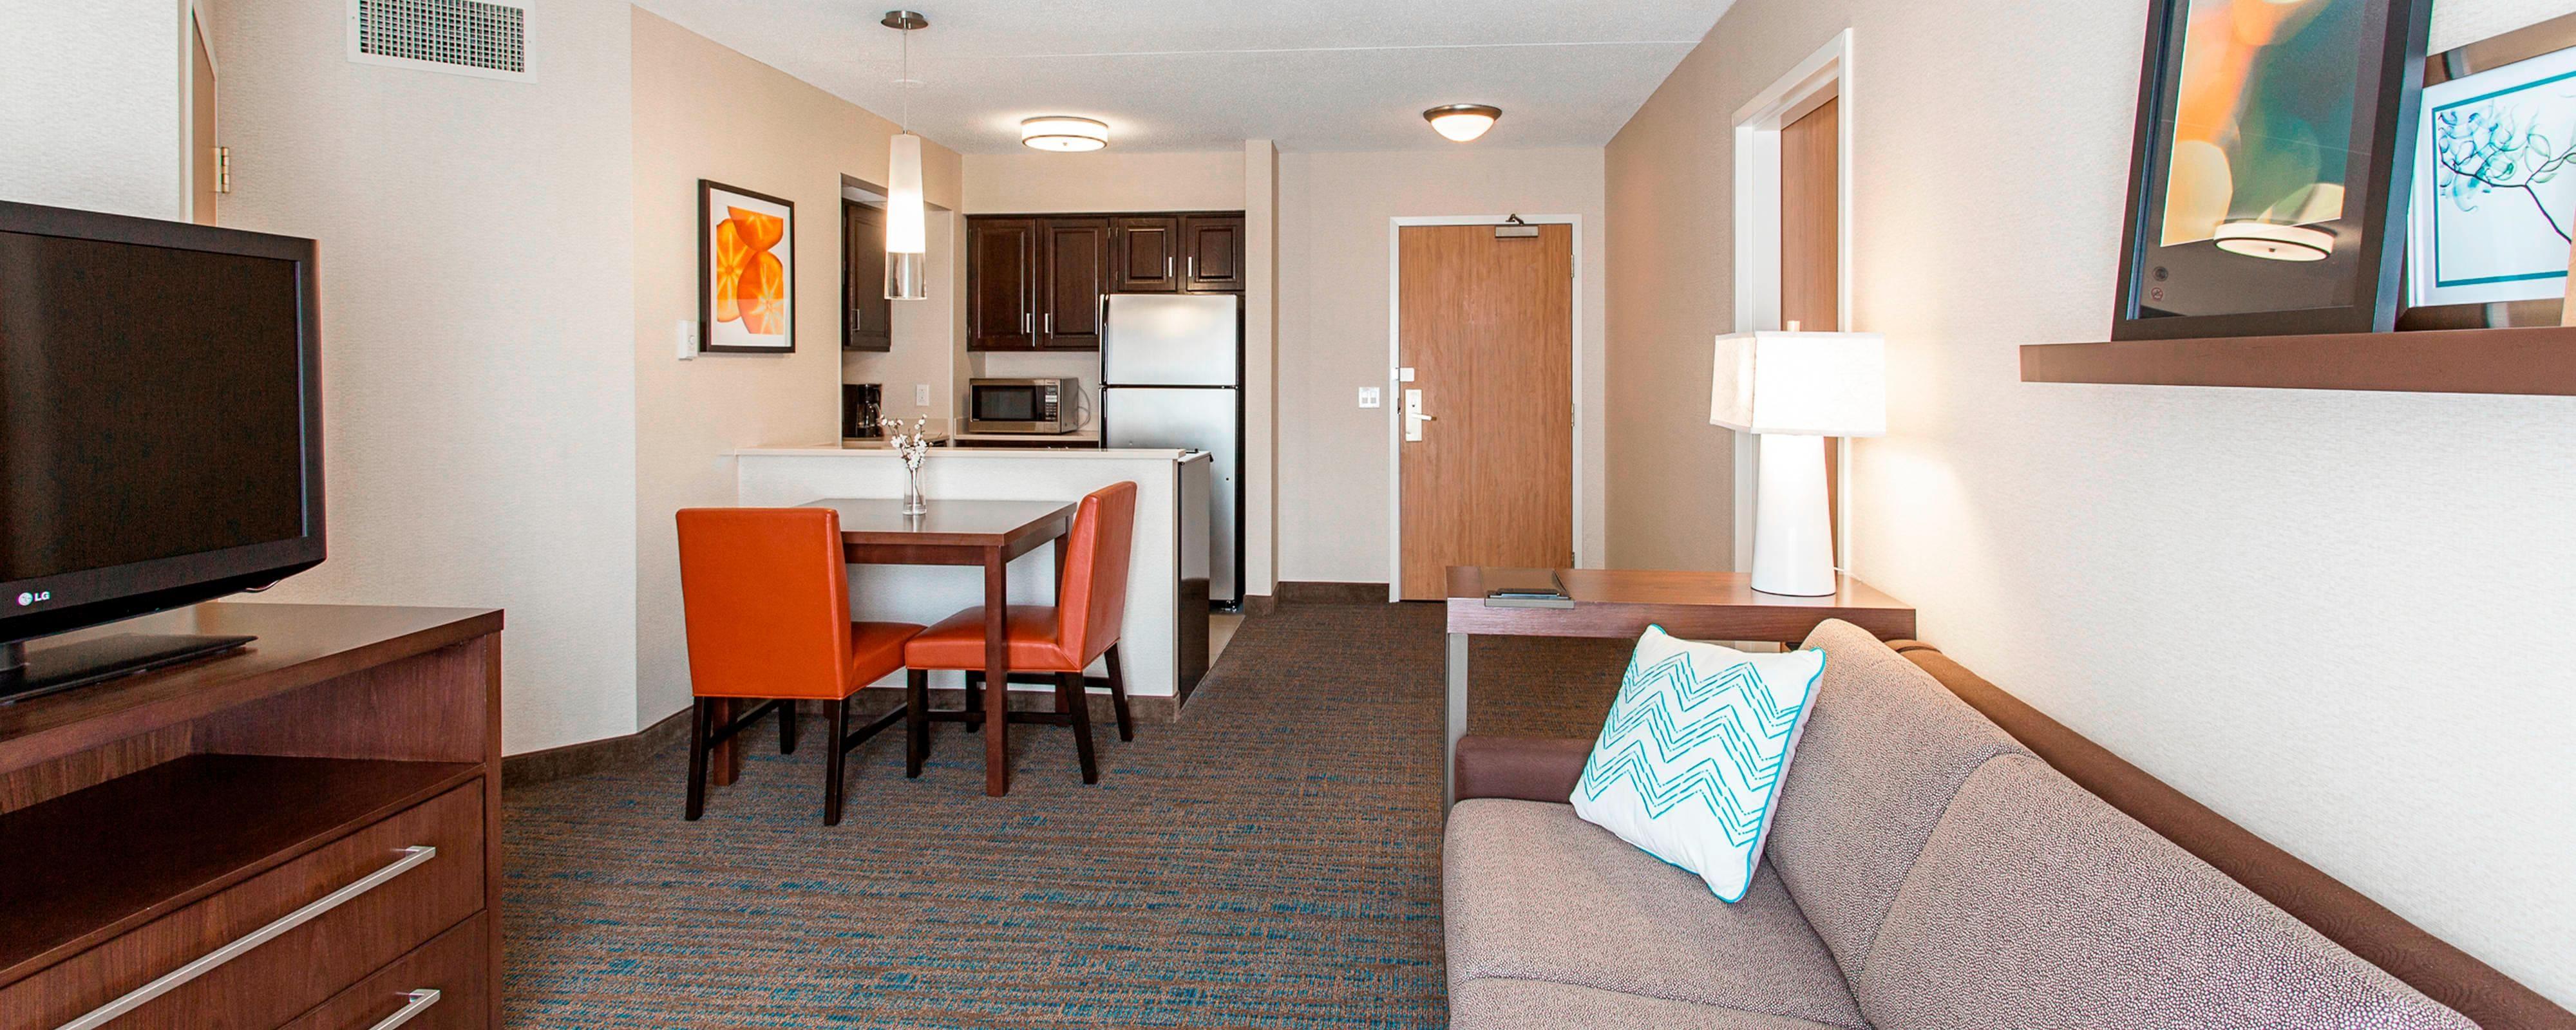 Rochester New York Hotel Residence Inn Rochester West Greece